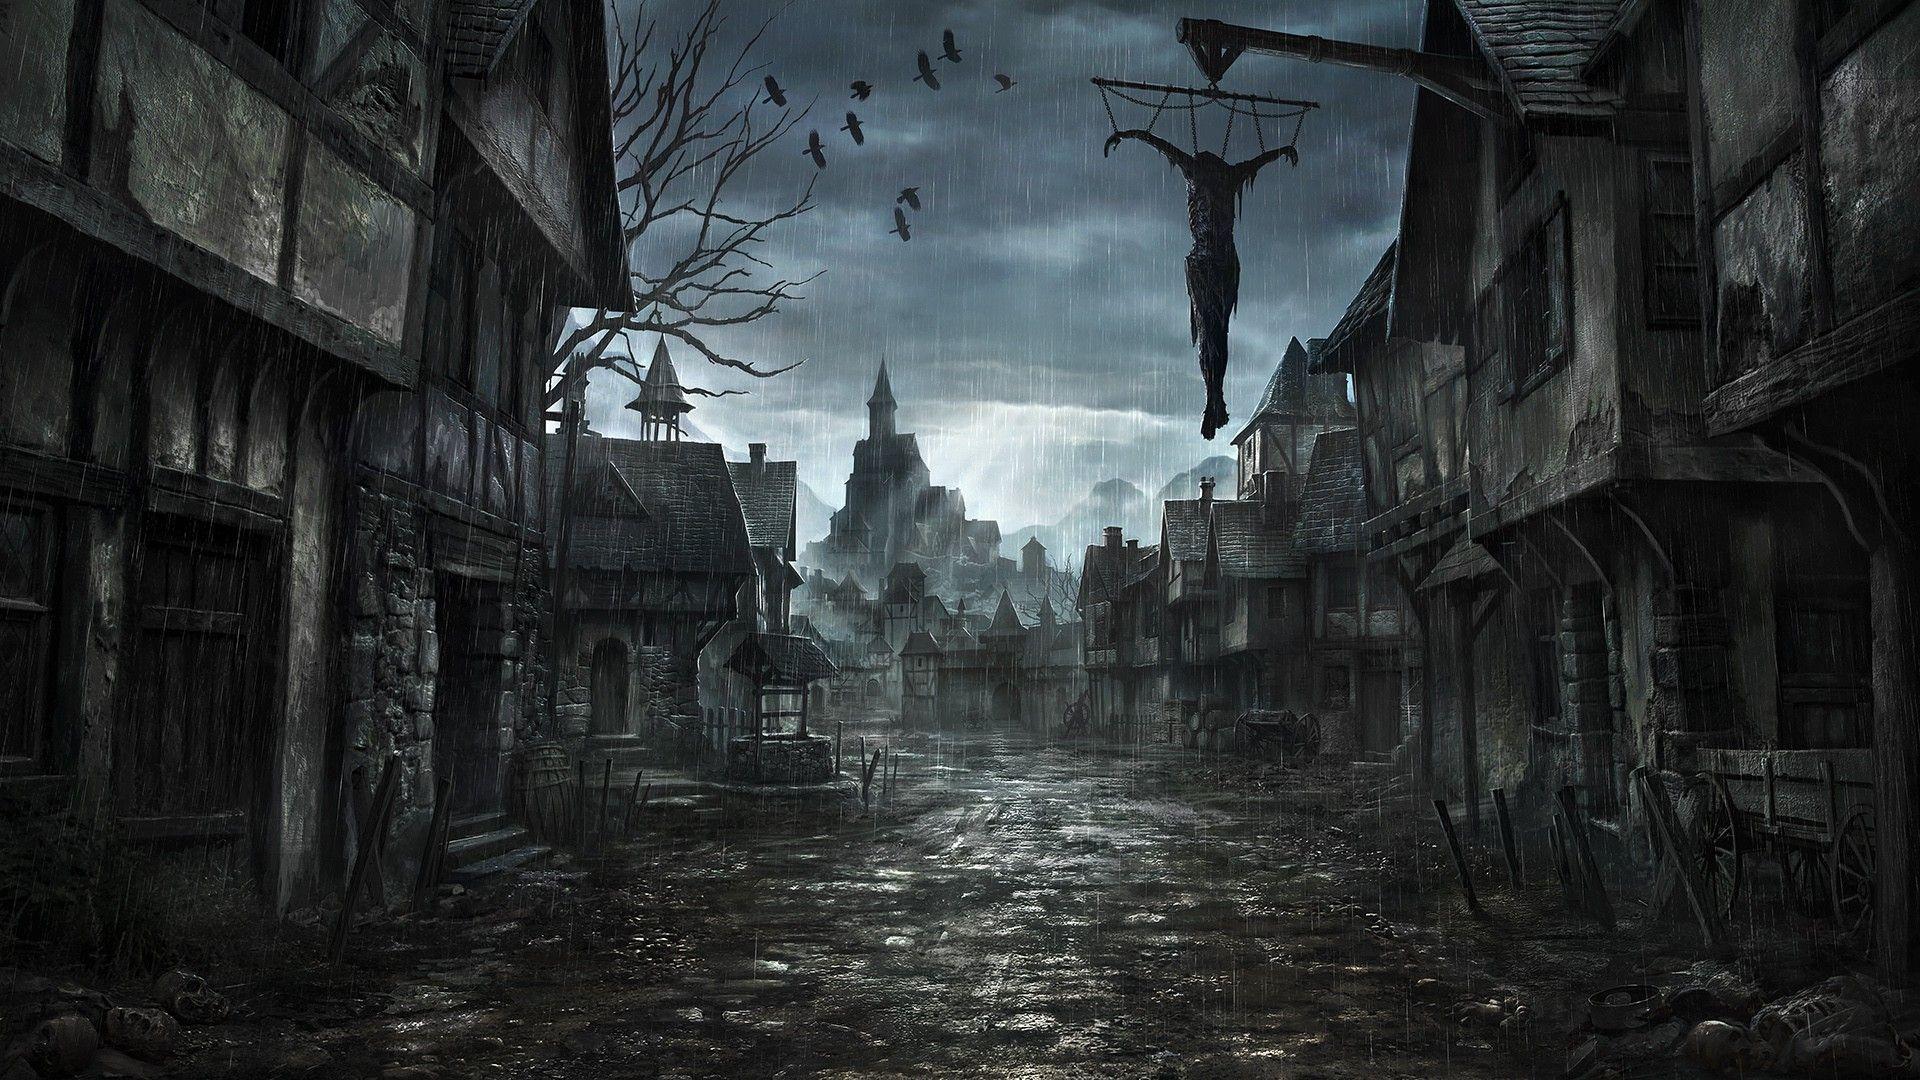 Medieval City Art, Dark Fantasy, Abandoned Horror City Desktop Wallpaper